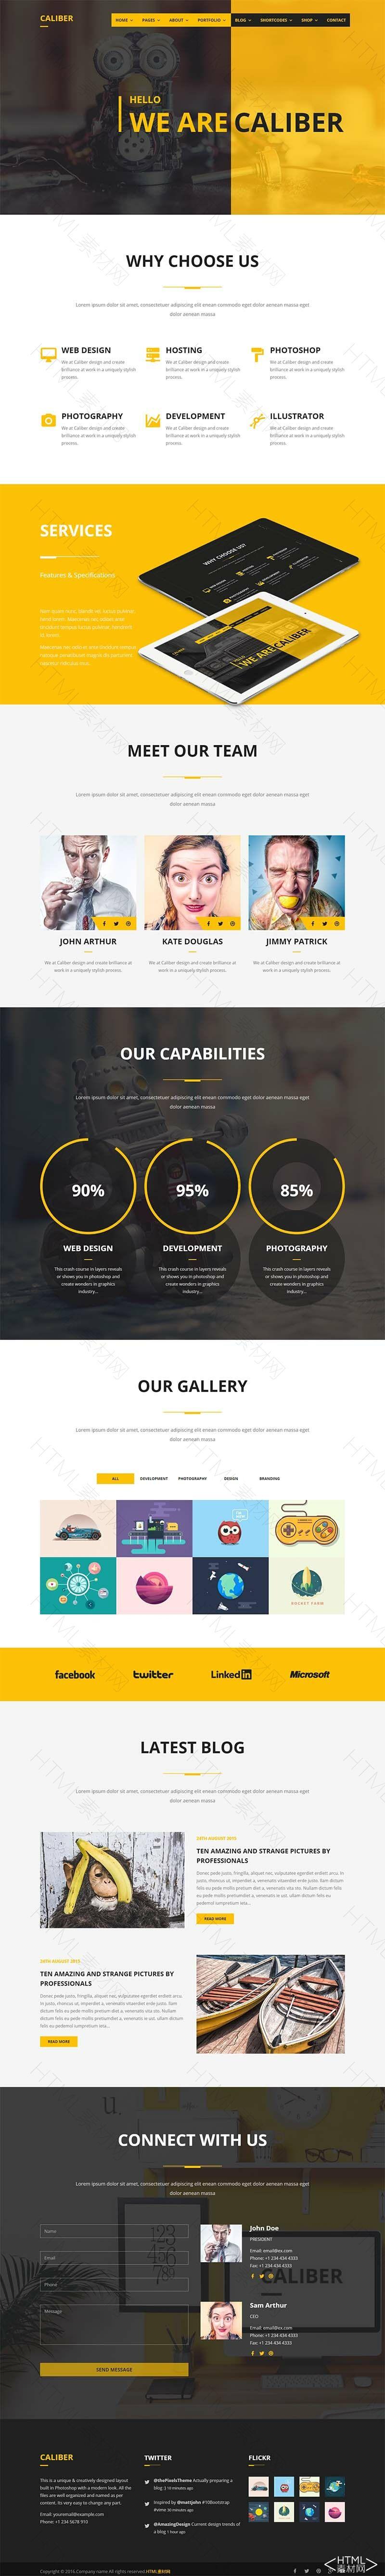 黄色卡通响应式页面非常全面整站网站模板强大.jpg